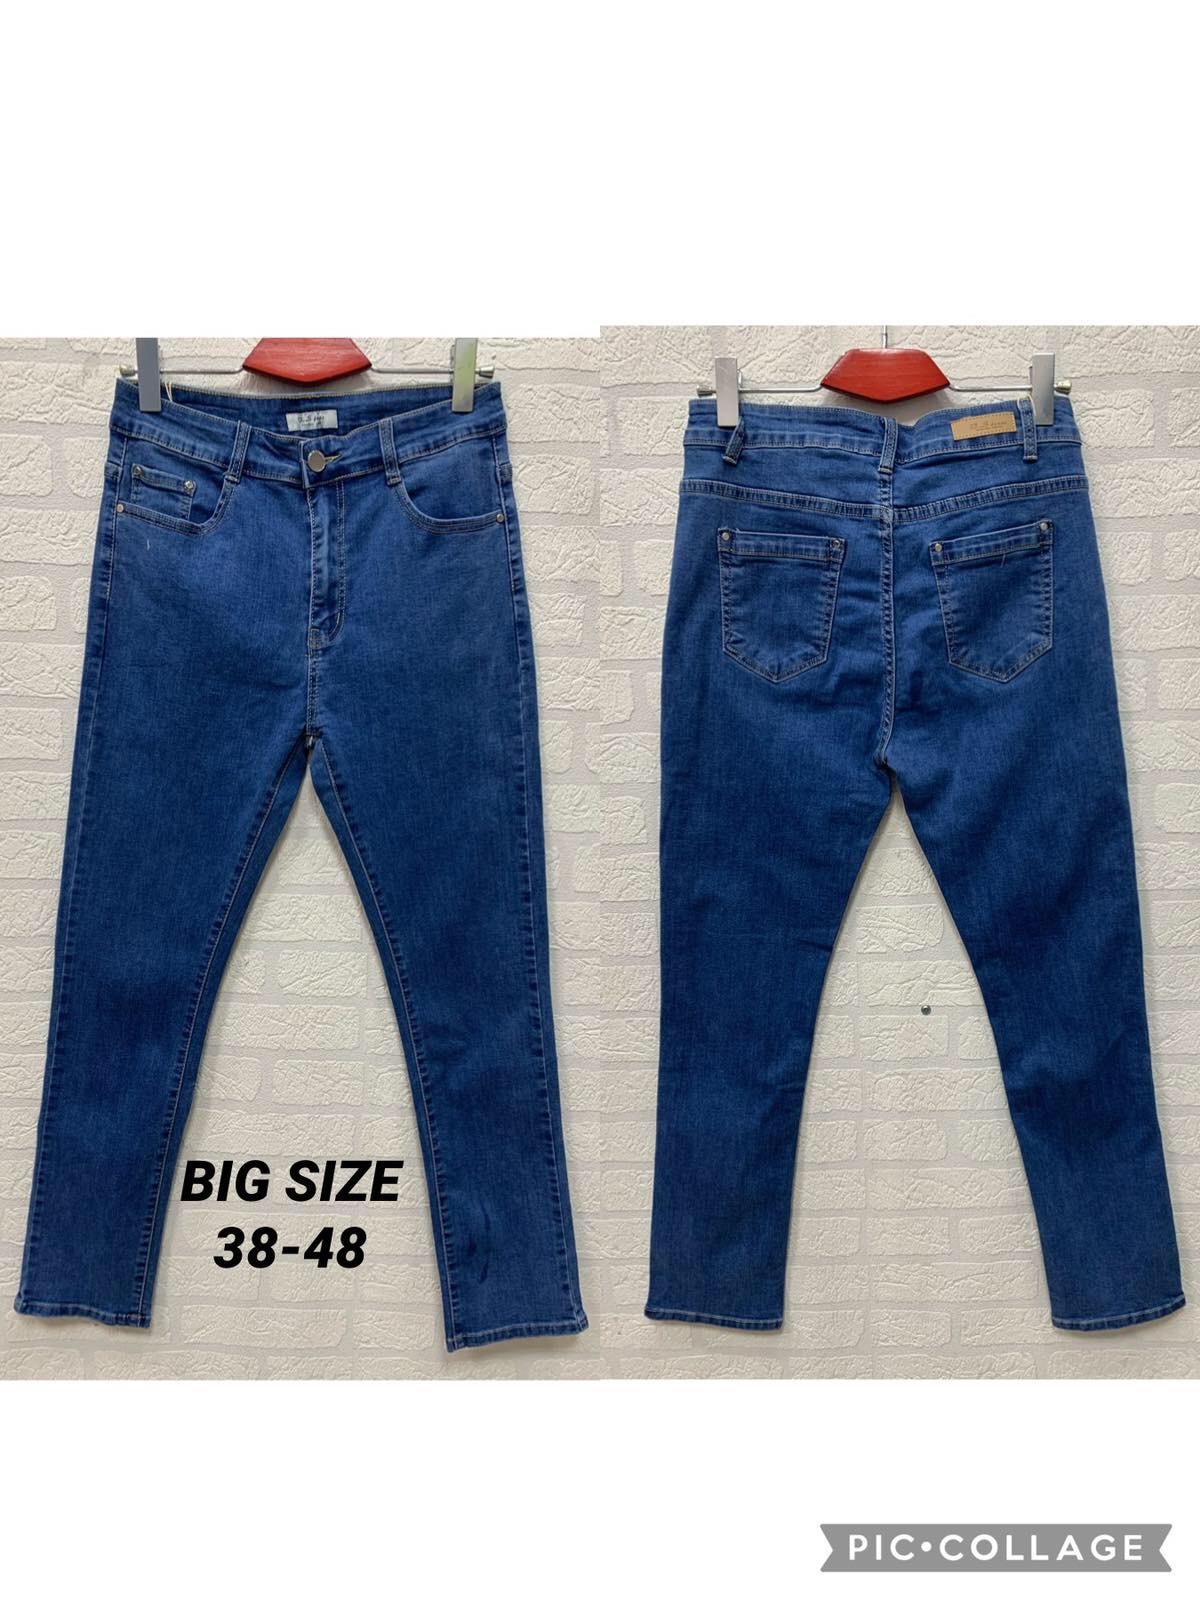 Spodnie Jeansowe Damskie  F9978 1 KOLOR 38-48